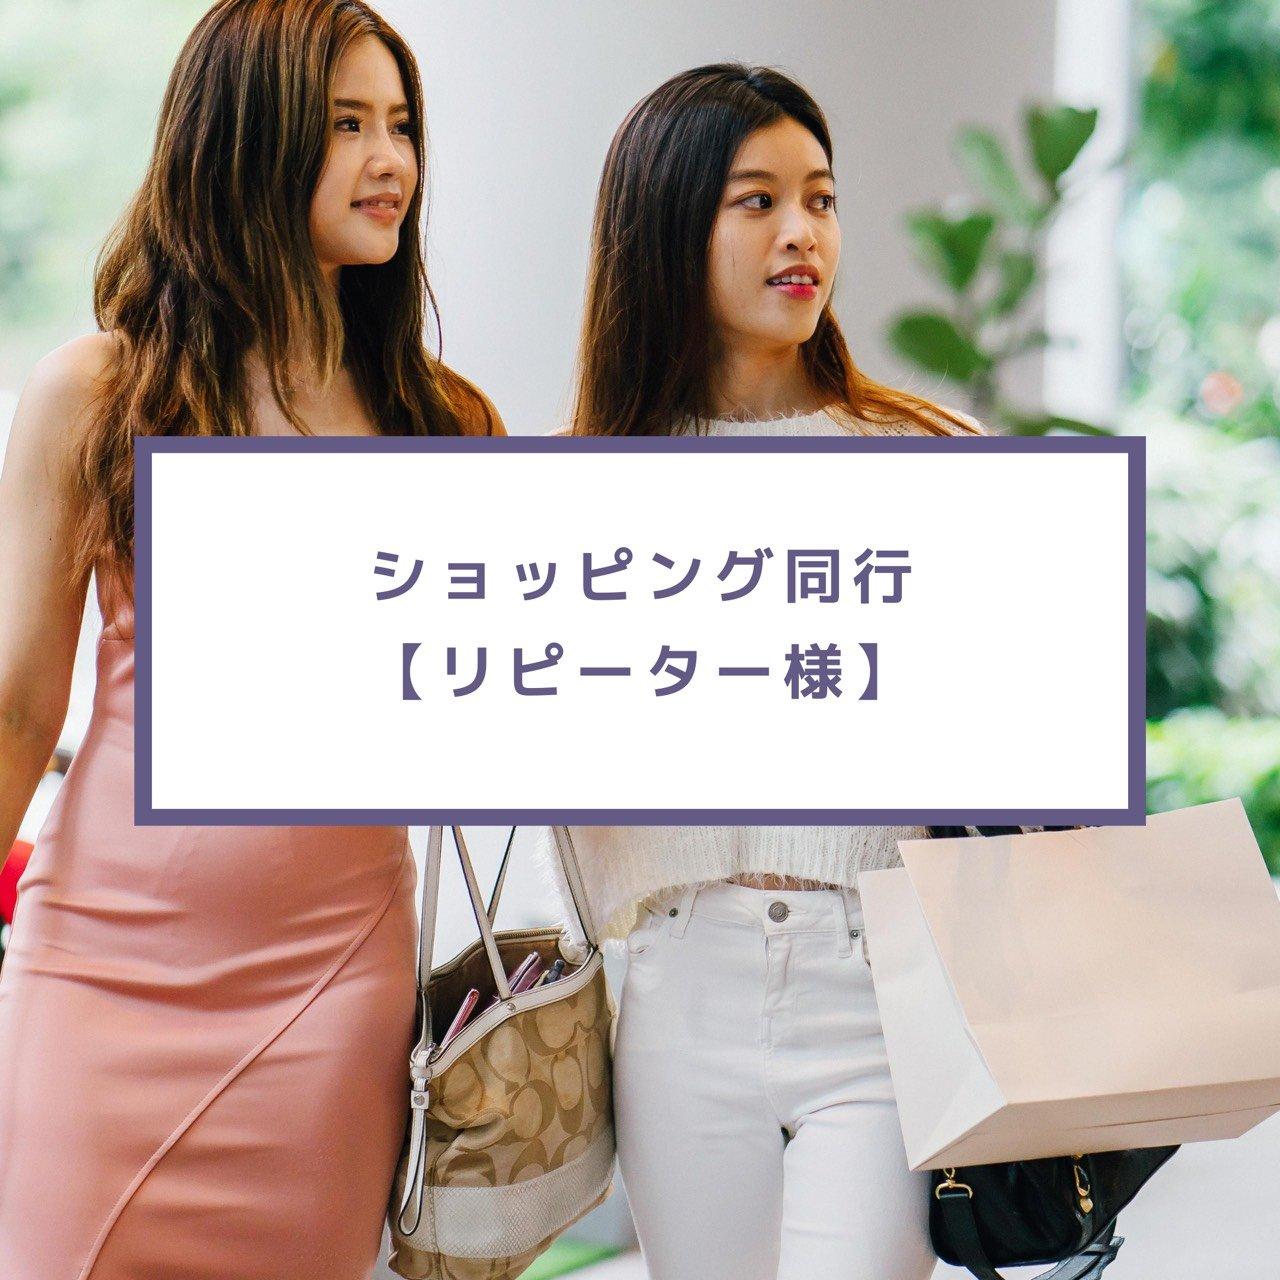 ショッピング同行【リピーター様】のイメージその1